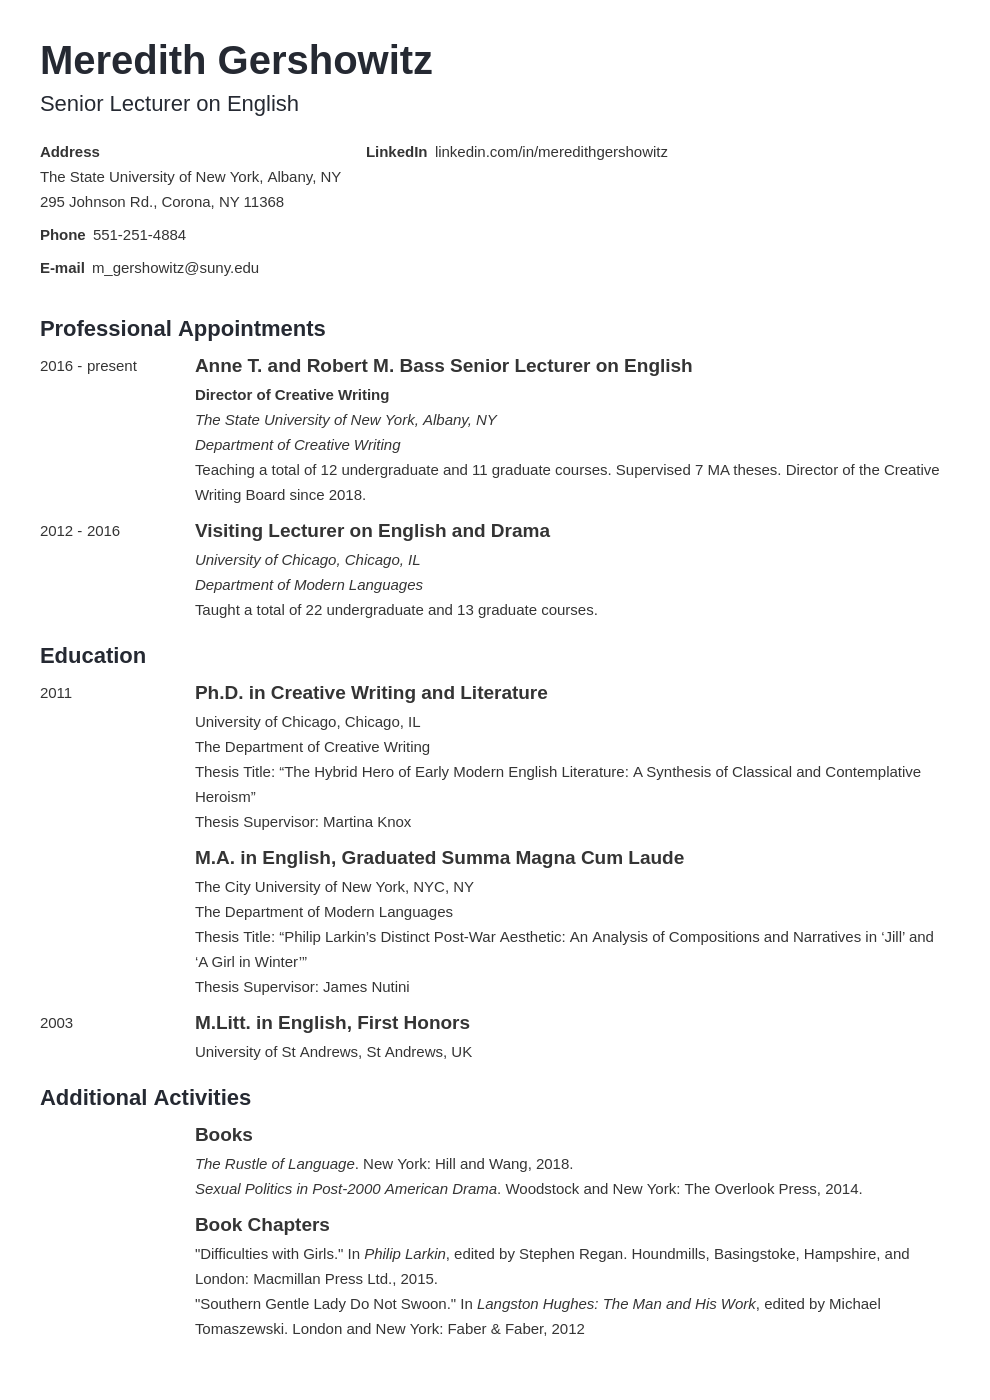 cv academic template minimo uk